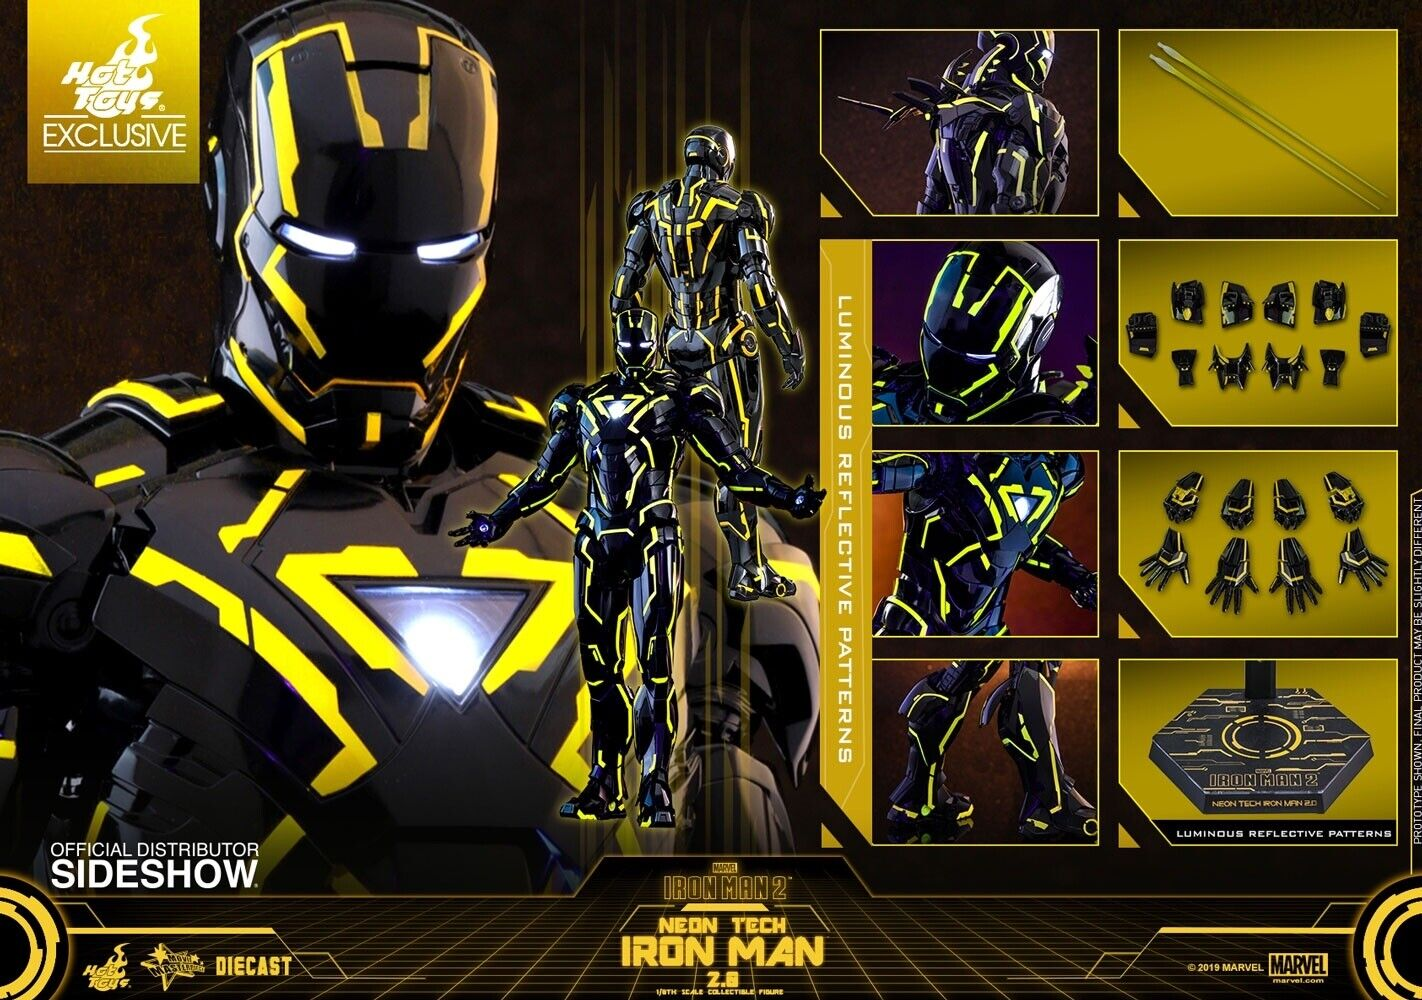 minoristas en línea San Diego comic-con comic-con comic-con 2019 Hot Juguetes Neón Tech Iron Man 2.0 Comic Con Exclusive  descuento online